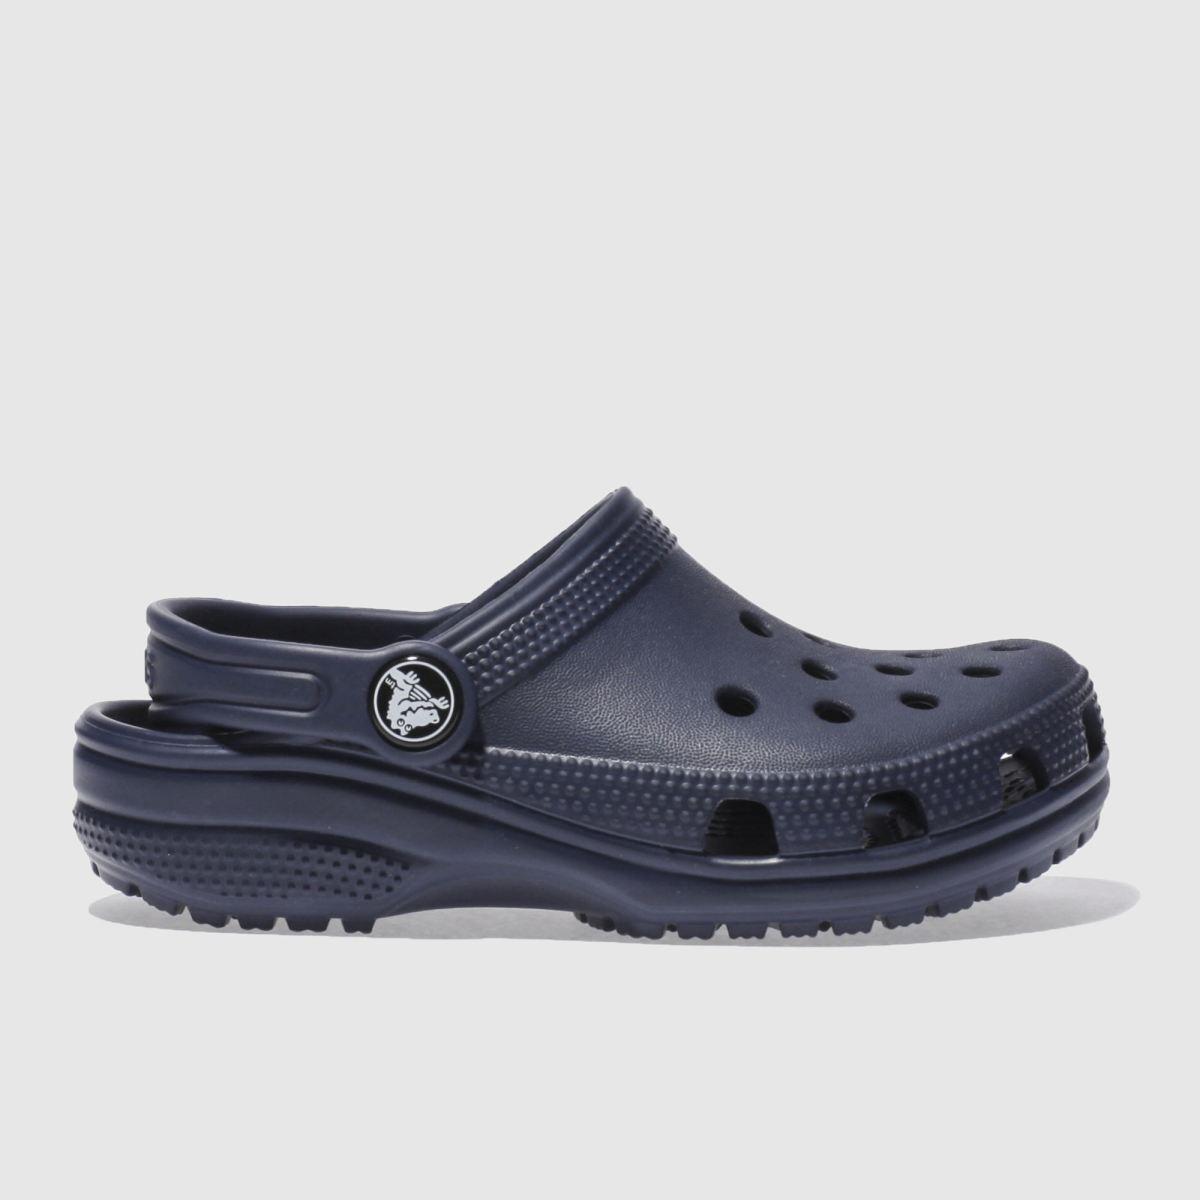 Crocs Crocs Navy Classic Clog Sandals Junior